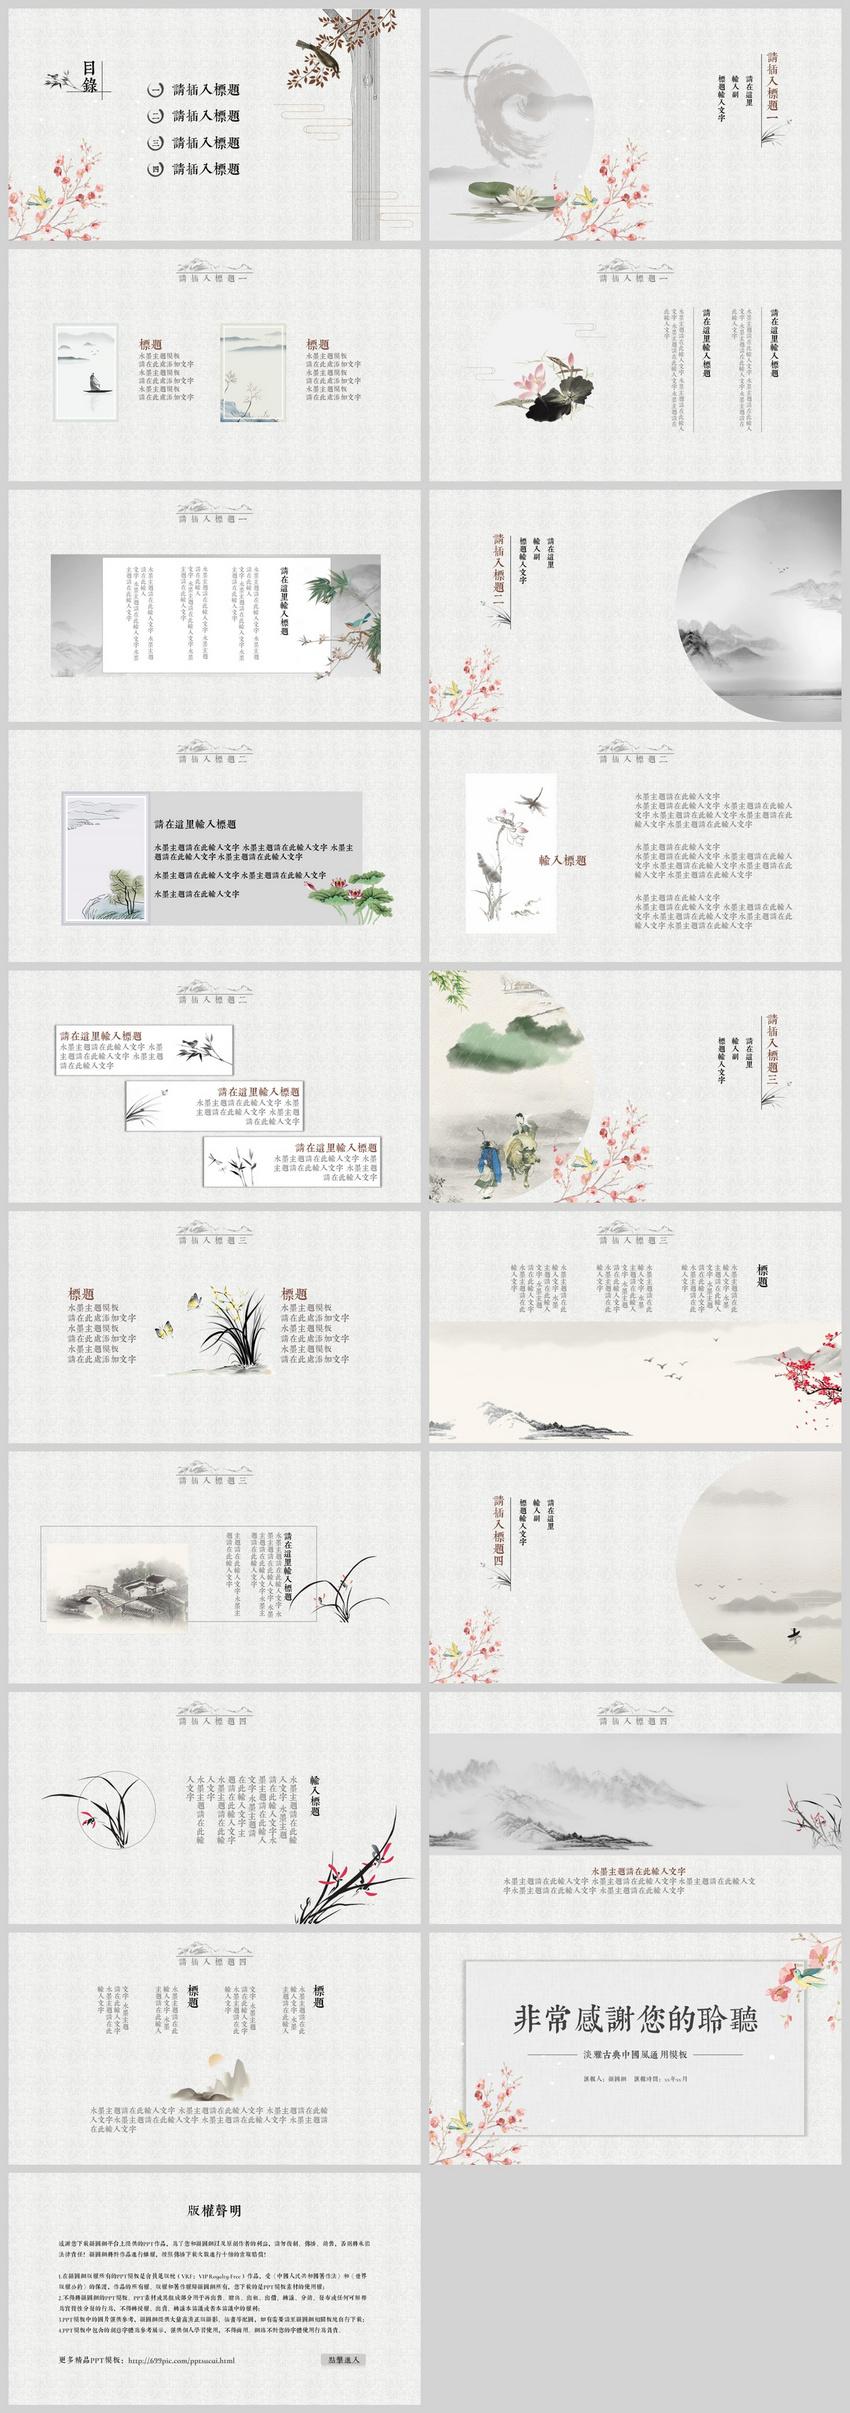 简约清新中国风教育课件PPT模板图片